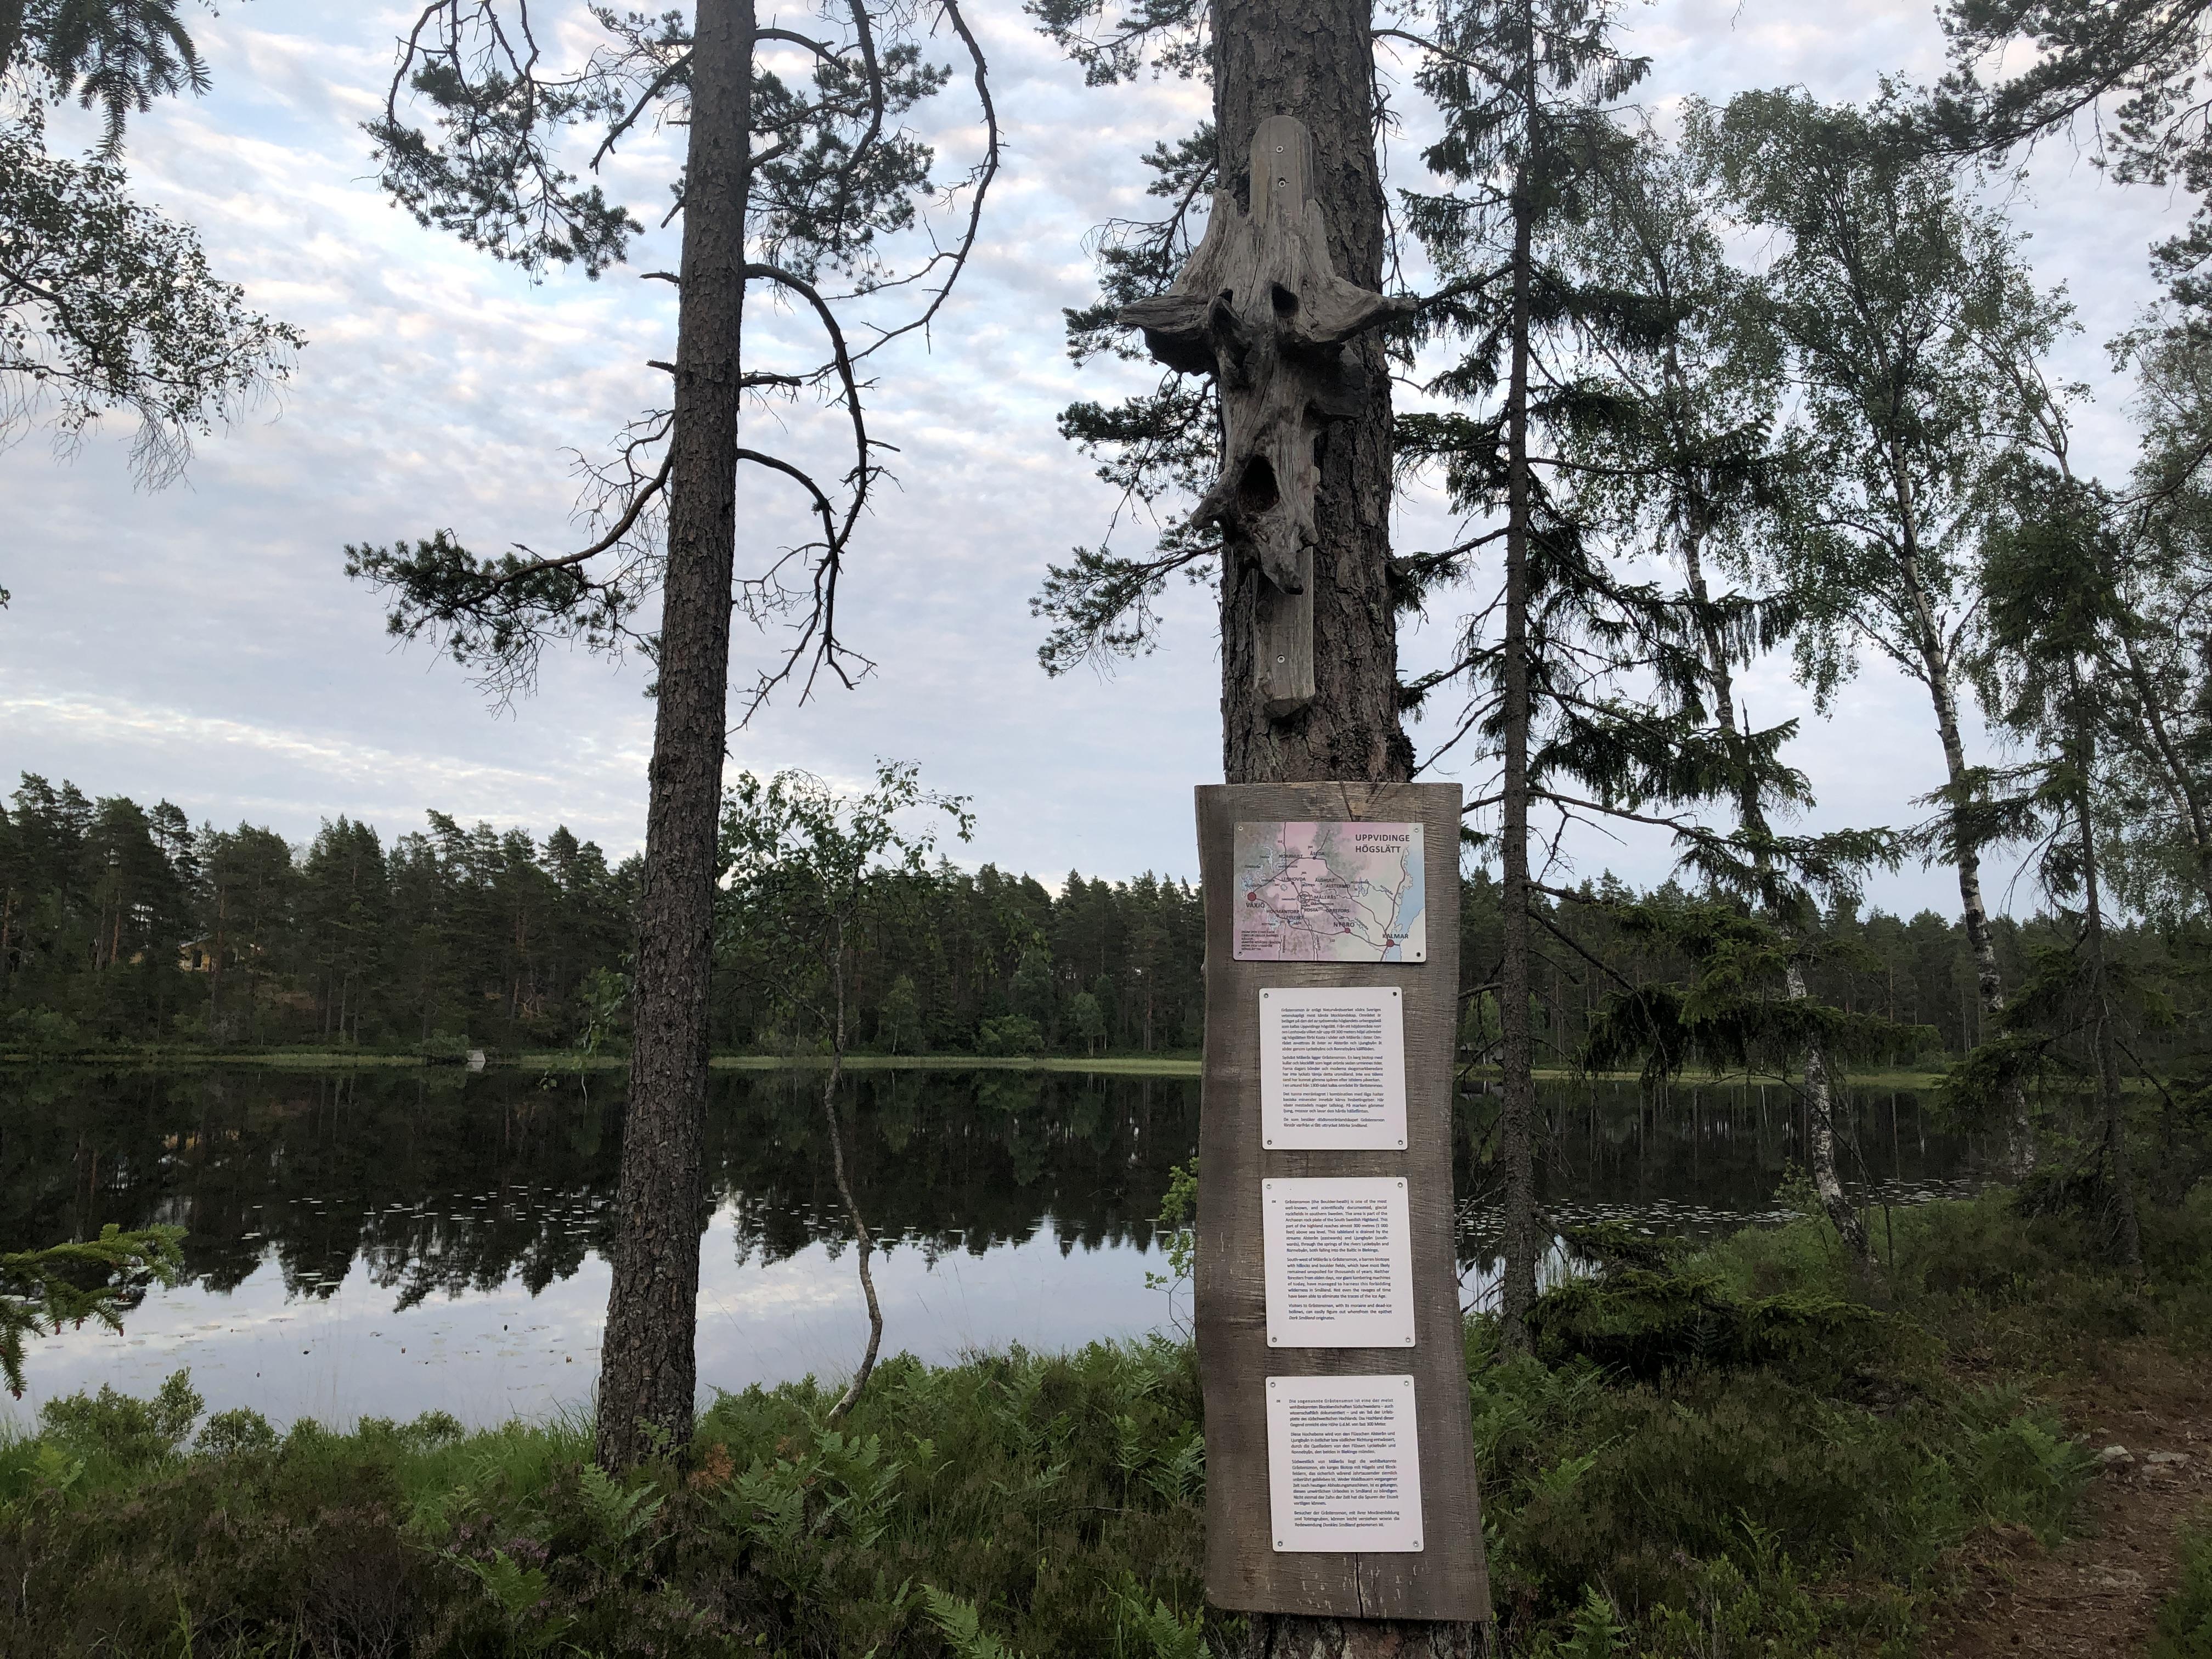 Trollstigen in Målerås